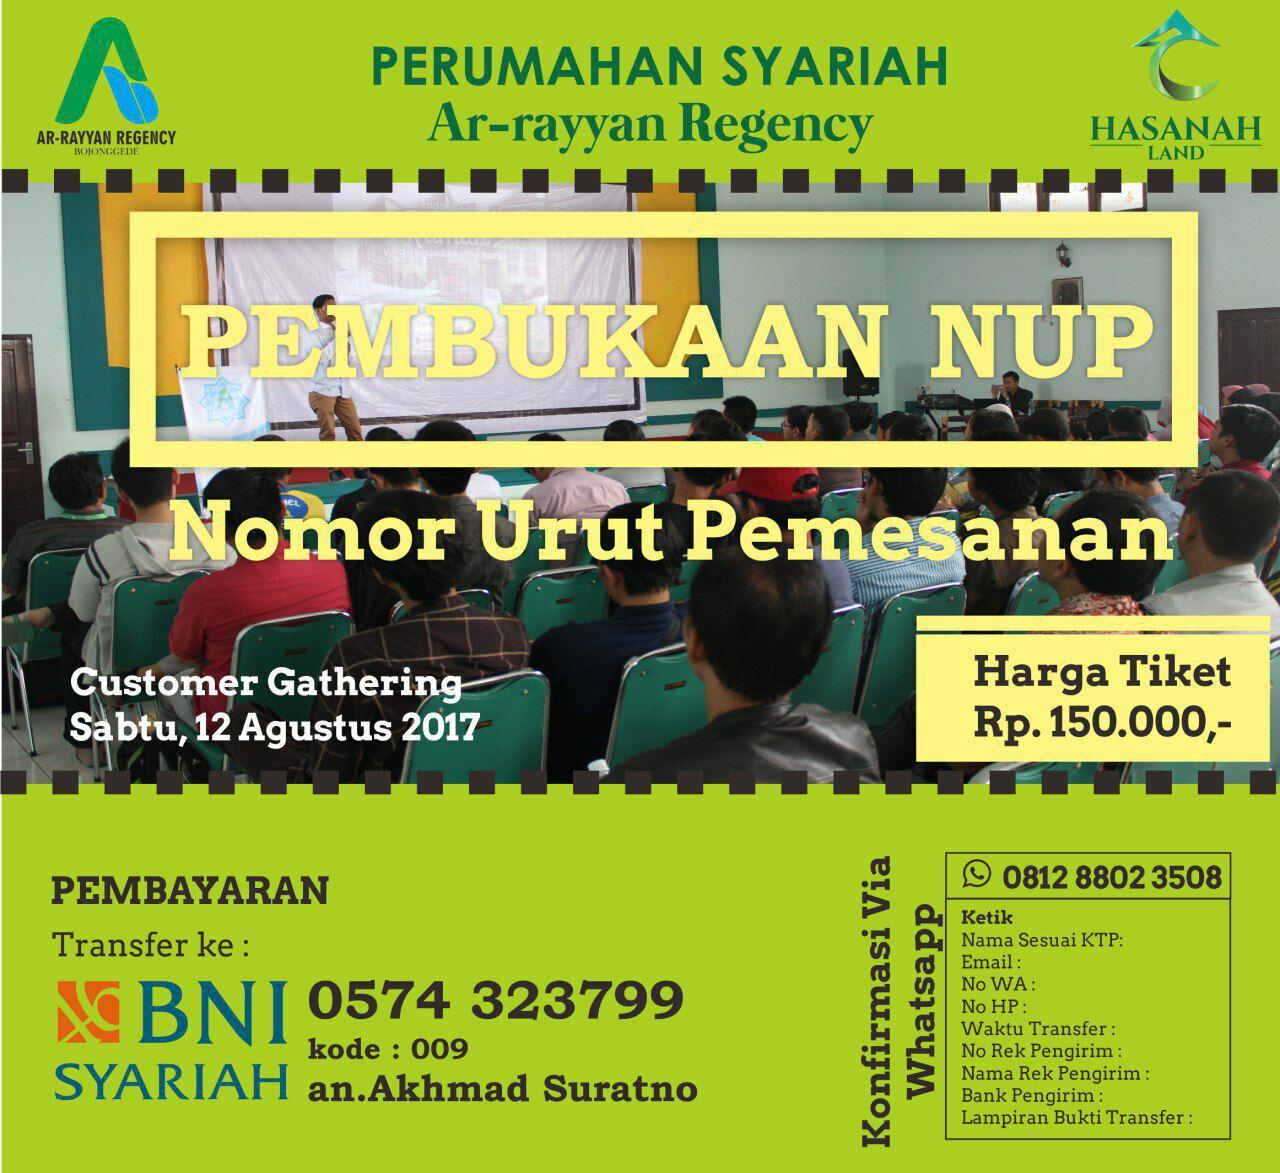 Gathering Arrayyan Regency Bojong gede Bogor - 100% Syariah